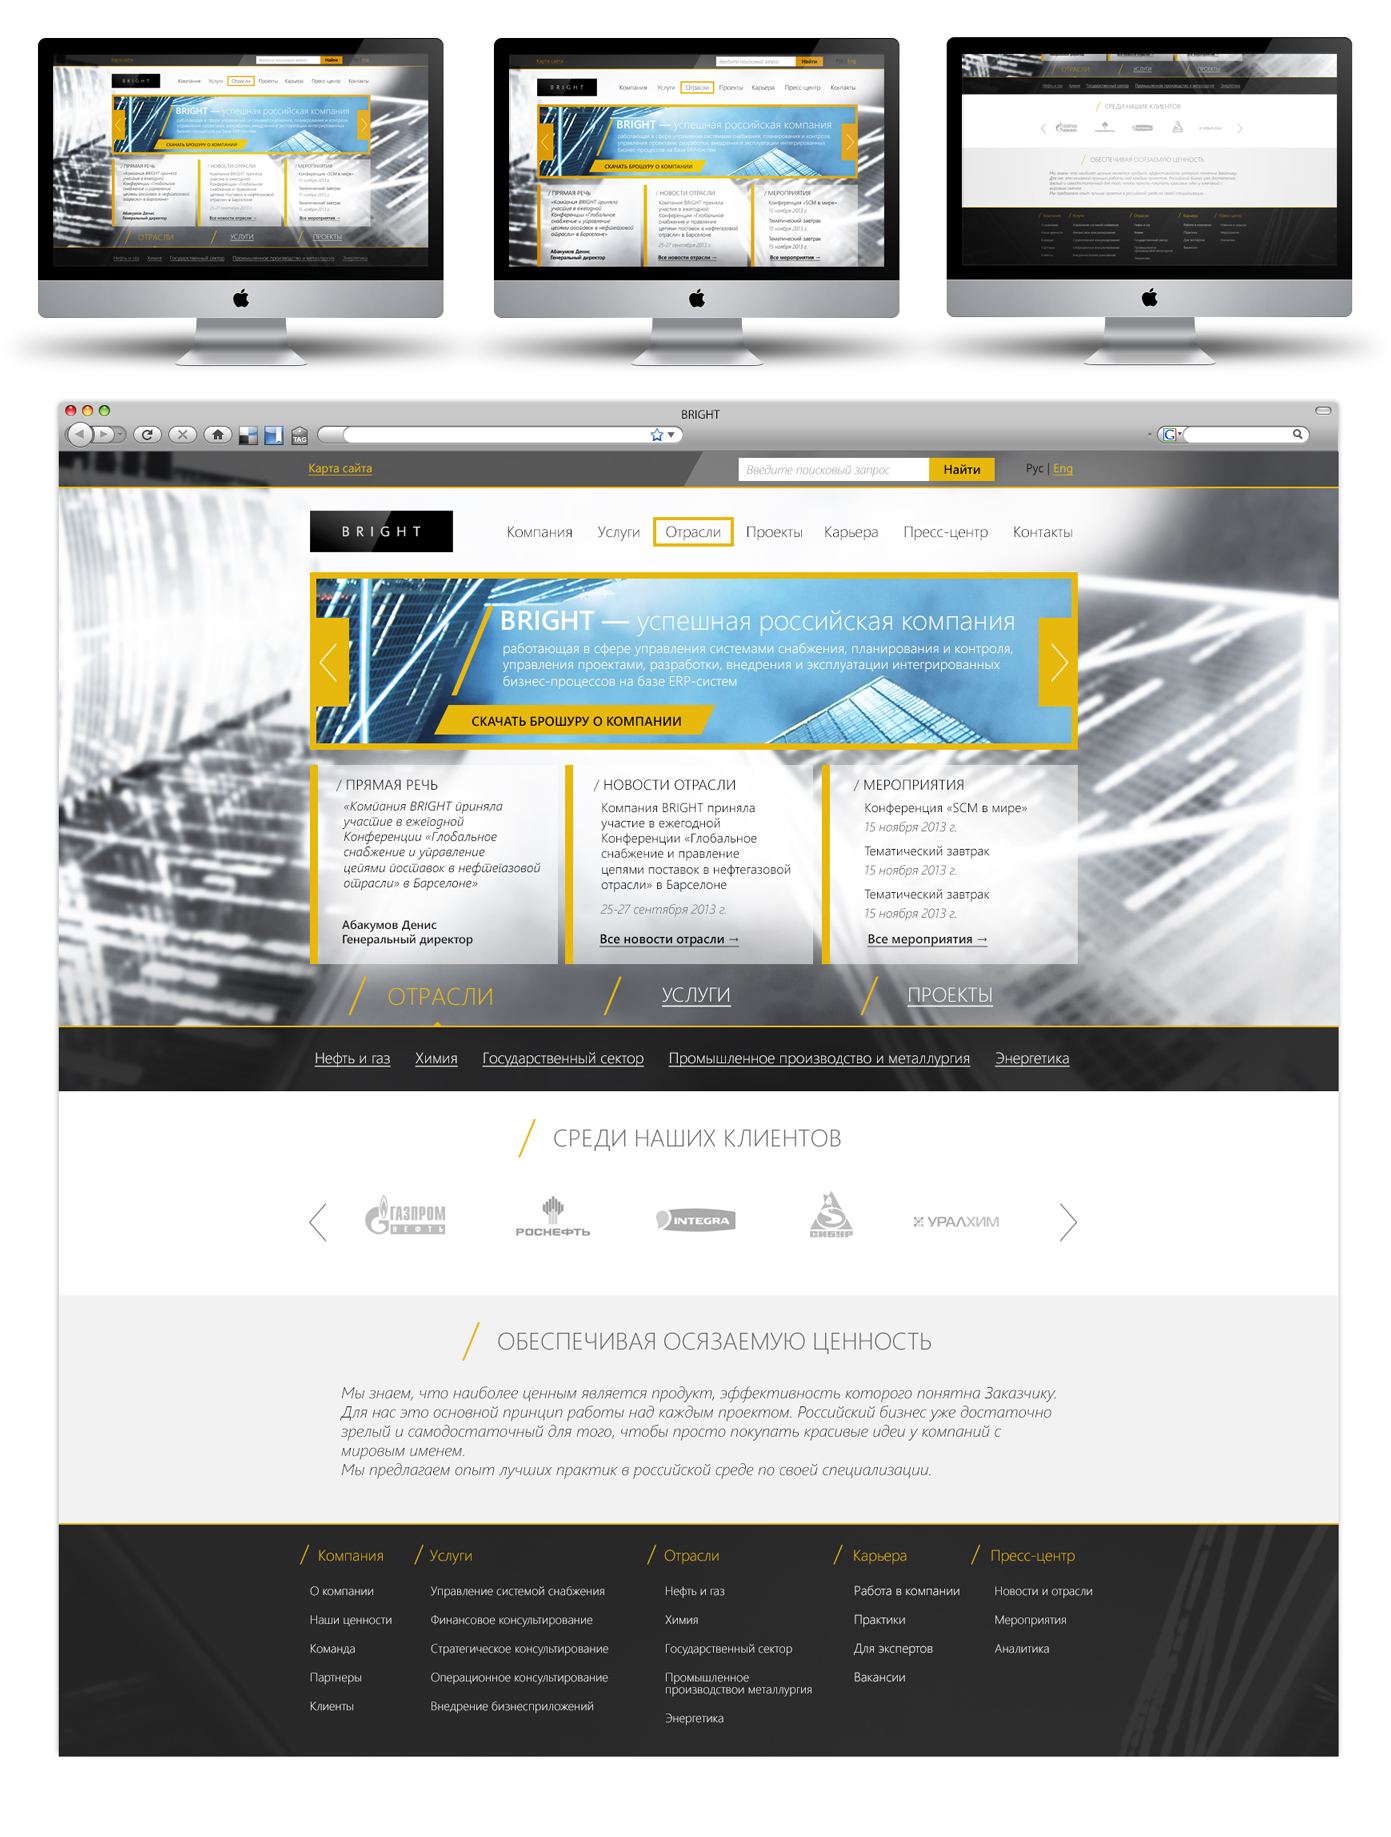 Дизайн и разработка сайта консалтинговой компании фото f_03252fbcee483450.jpg